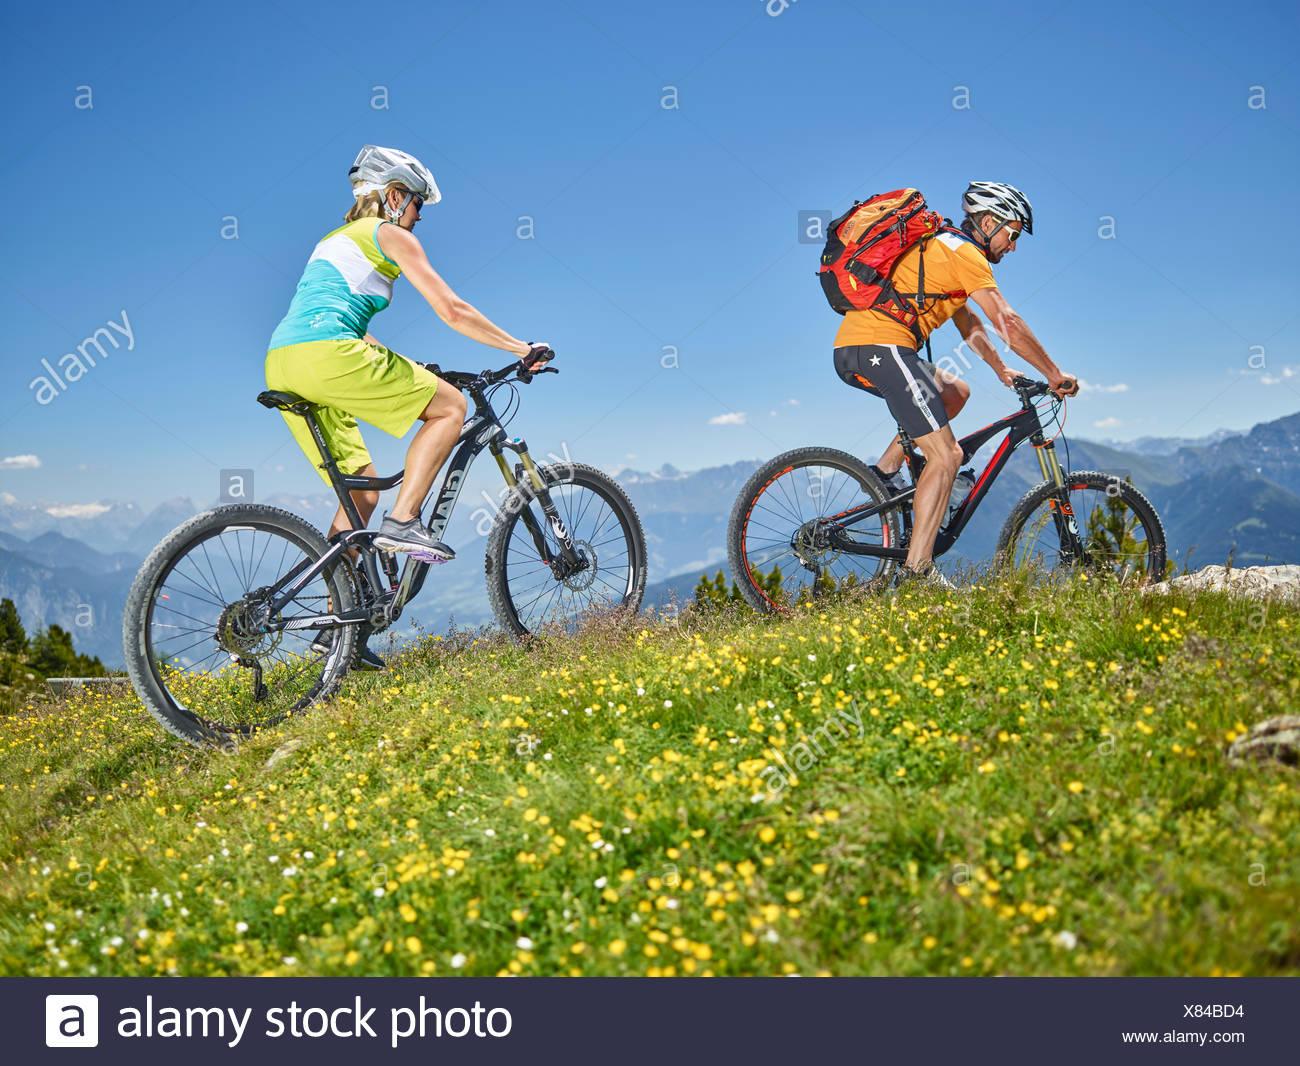 Hombre y mujer 40-45 AÑOS 35-40 años con los cascos de ciclo con sus bicicletas de montaña, Zirbenweg, Patscherkofel, Innsbruck, Tirol Foto de stock